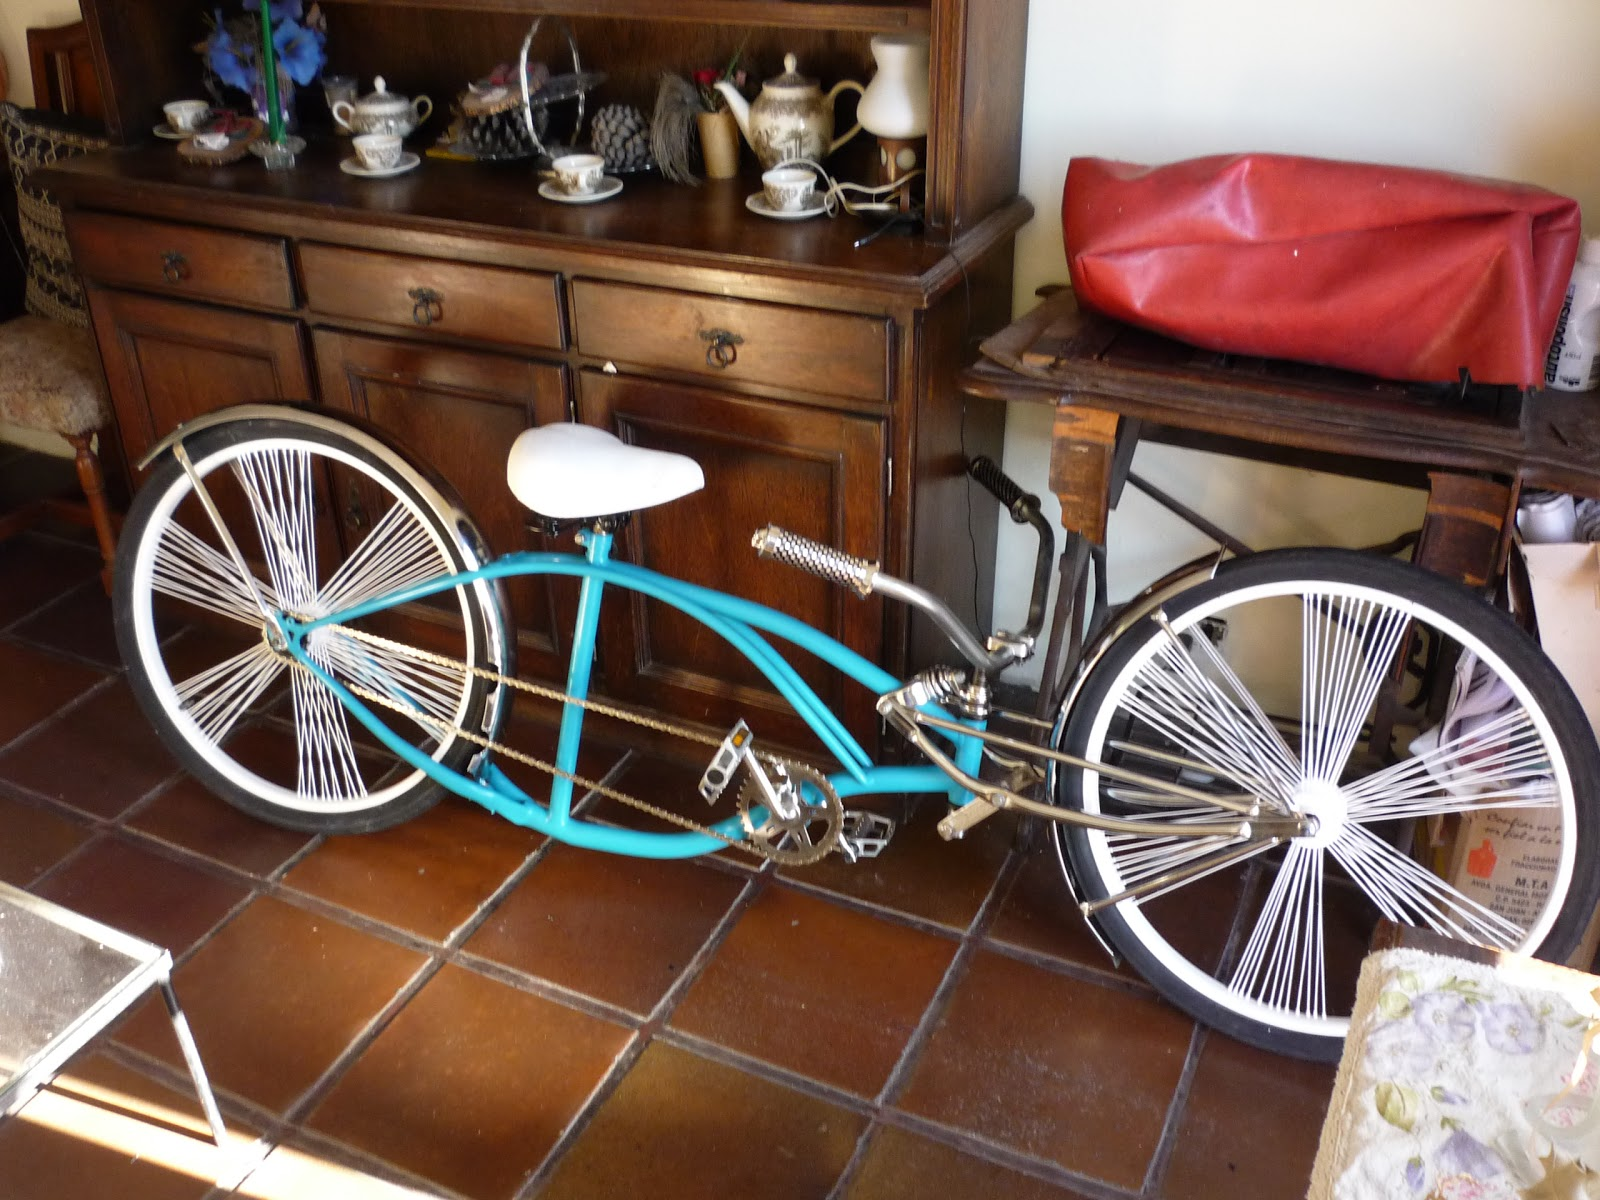 Te gusta la bici al piso sopi queres hacerte una - Como guardar bicis en un piso ...